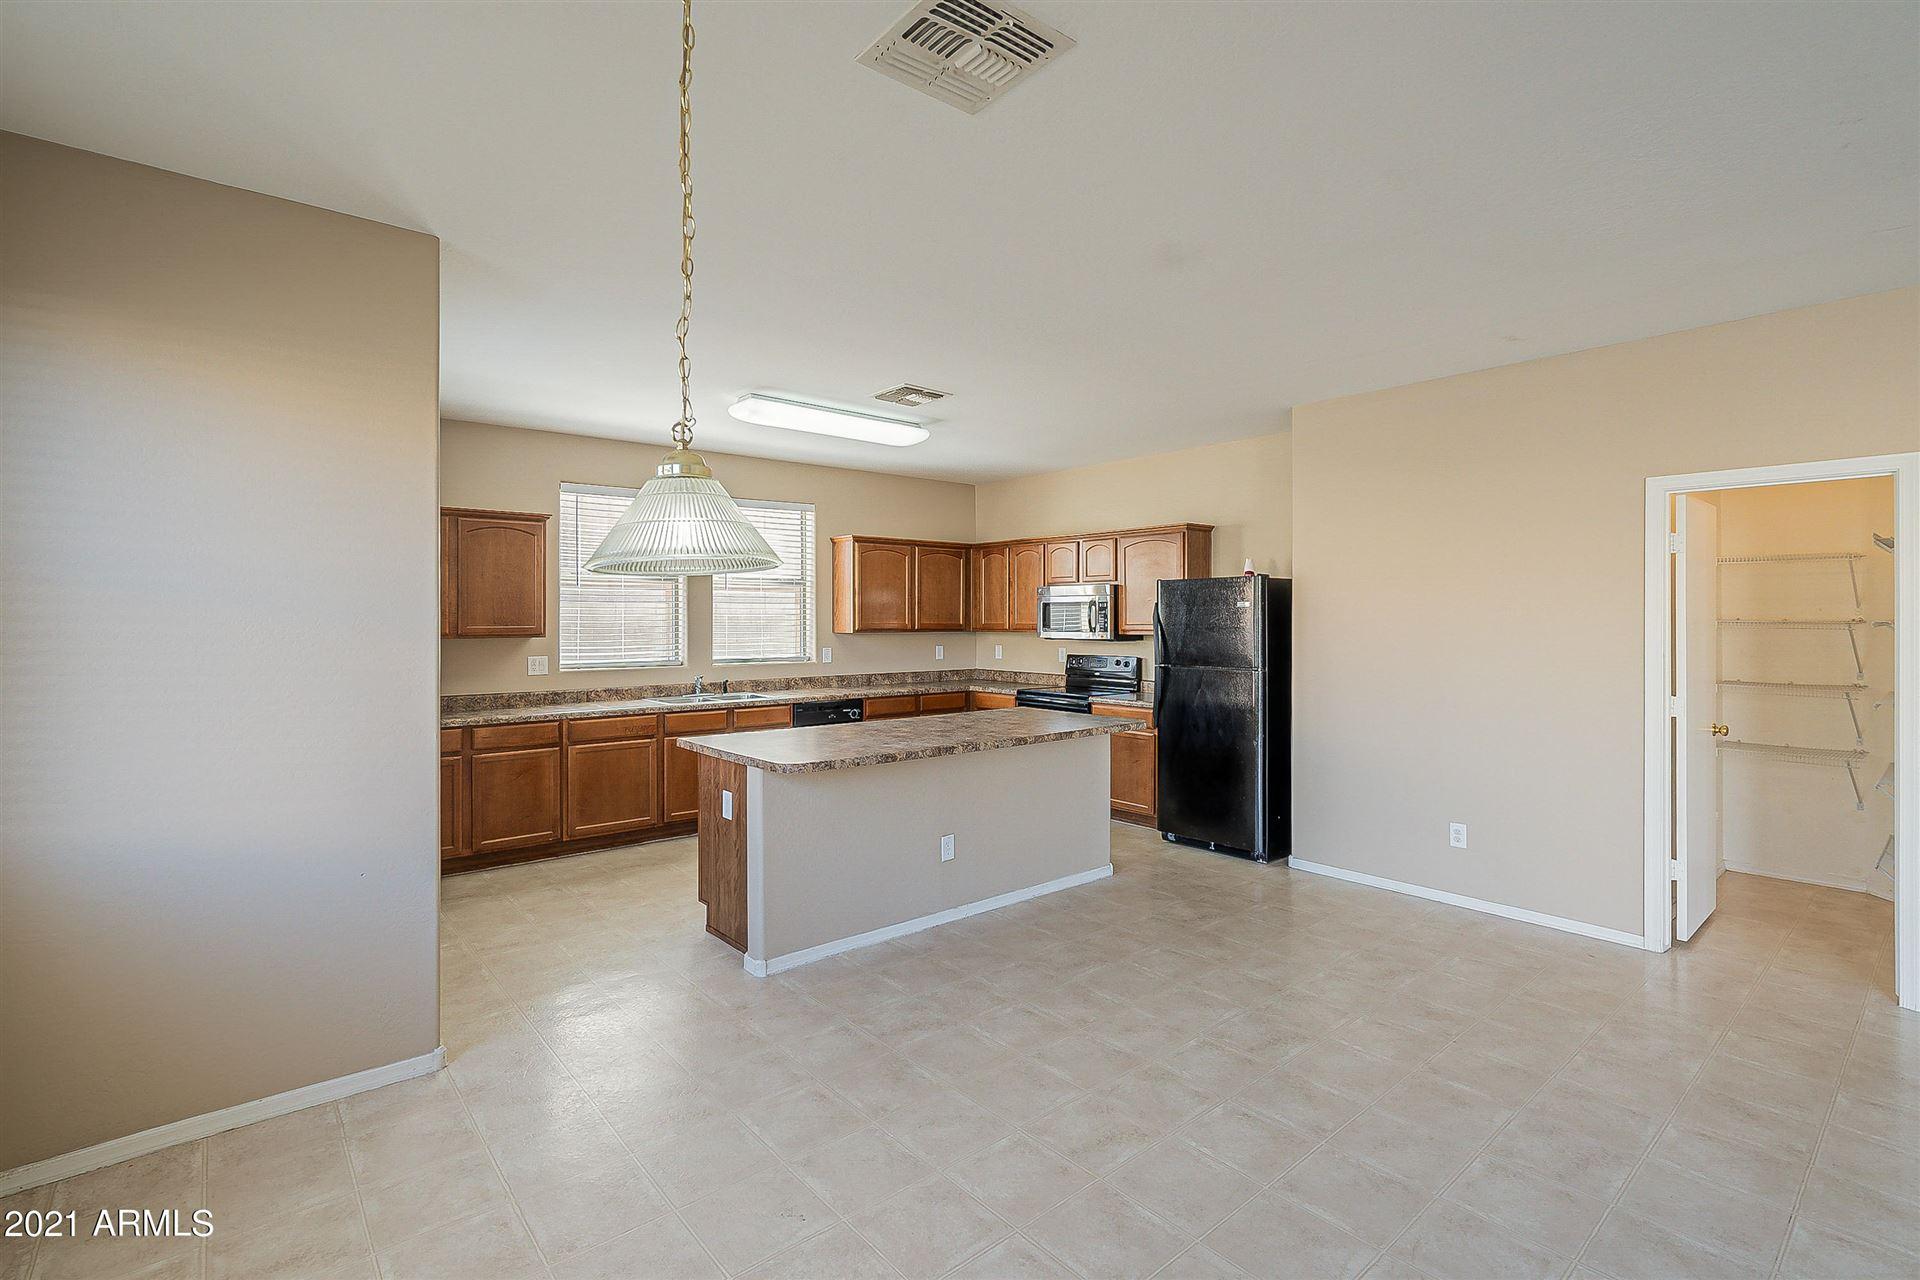 Photo of 46104 W BELLE Avenue, Maricopa, AZ 85139 (MLS # 6200254)